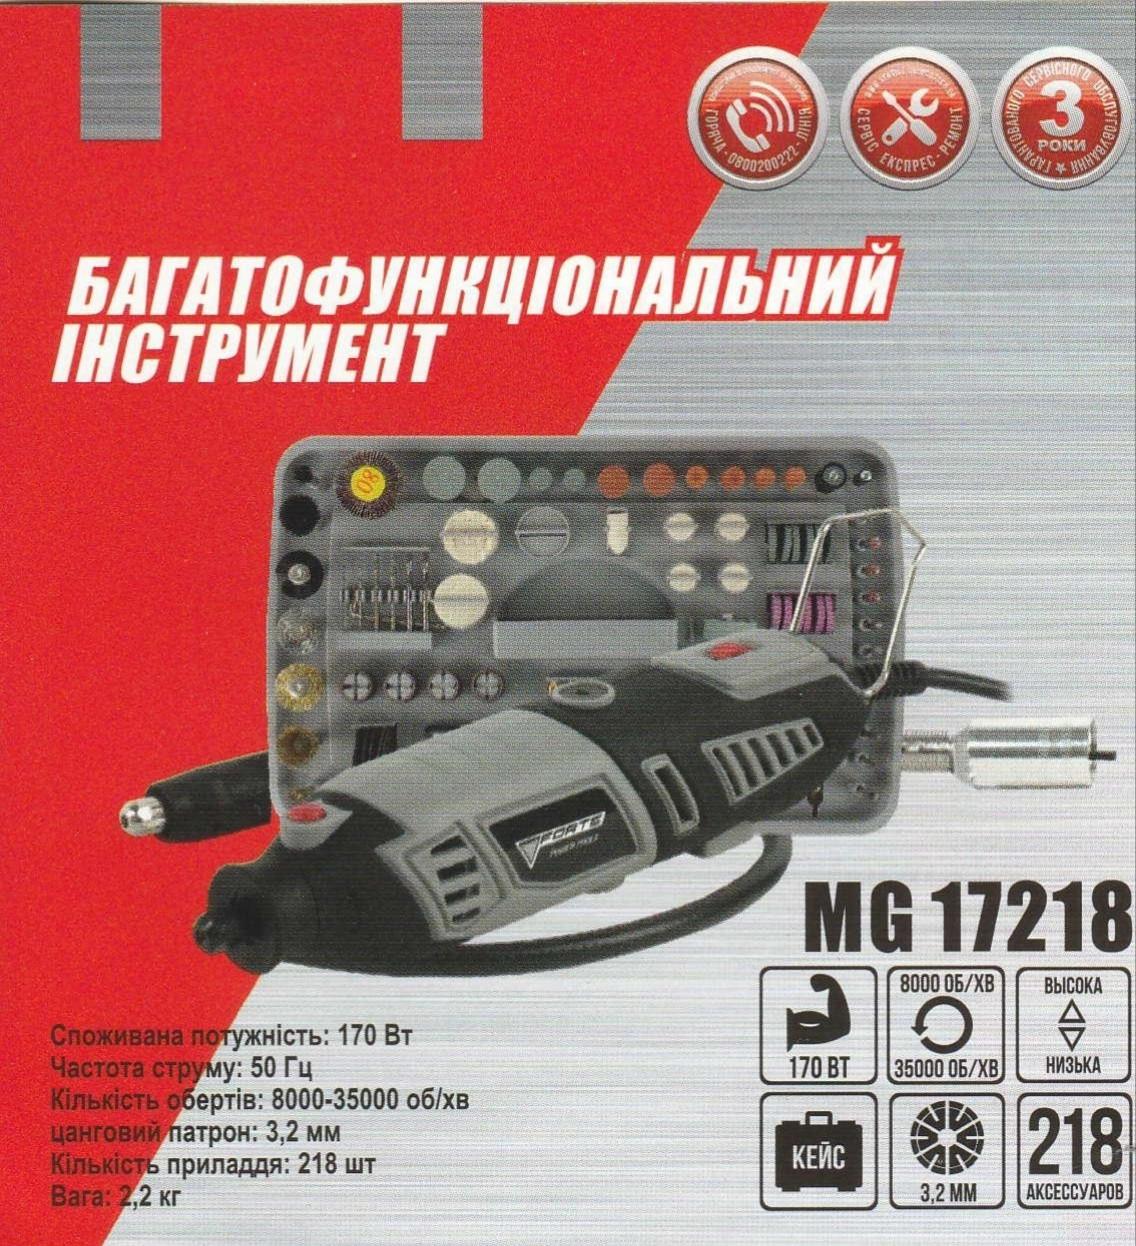 Многофункциональный инструмент Forte MG 17218